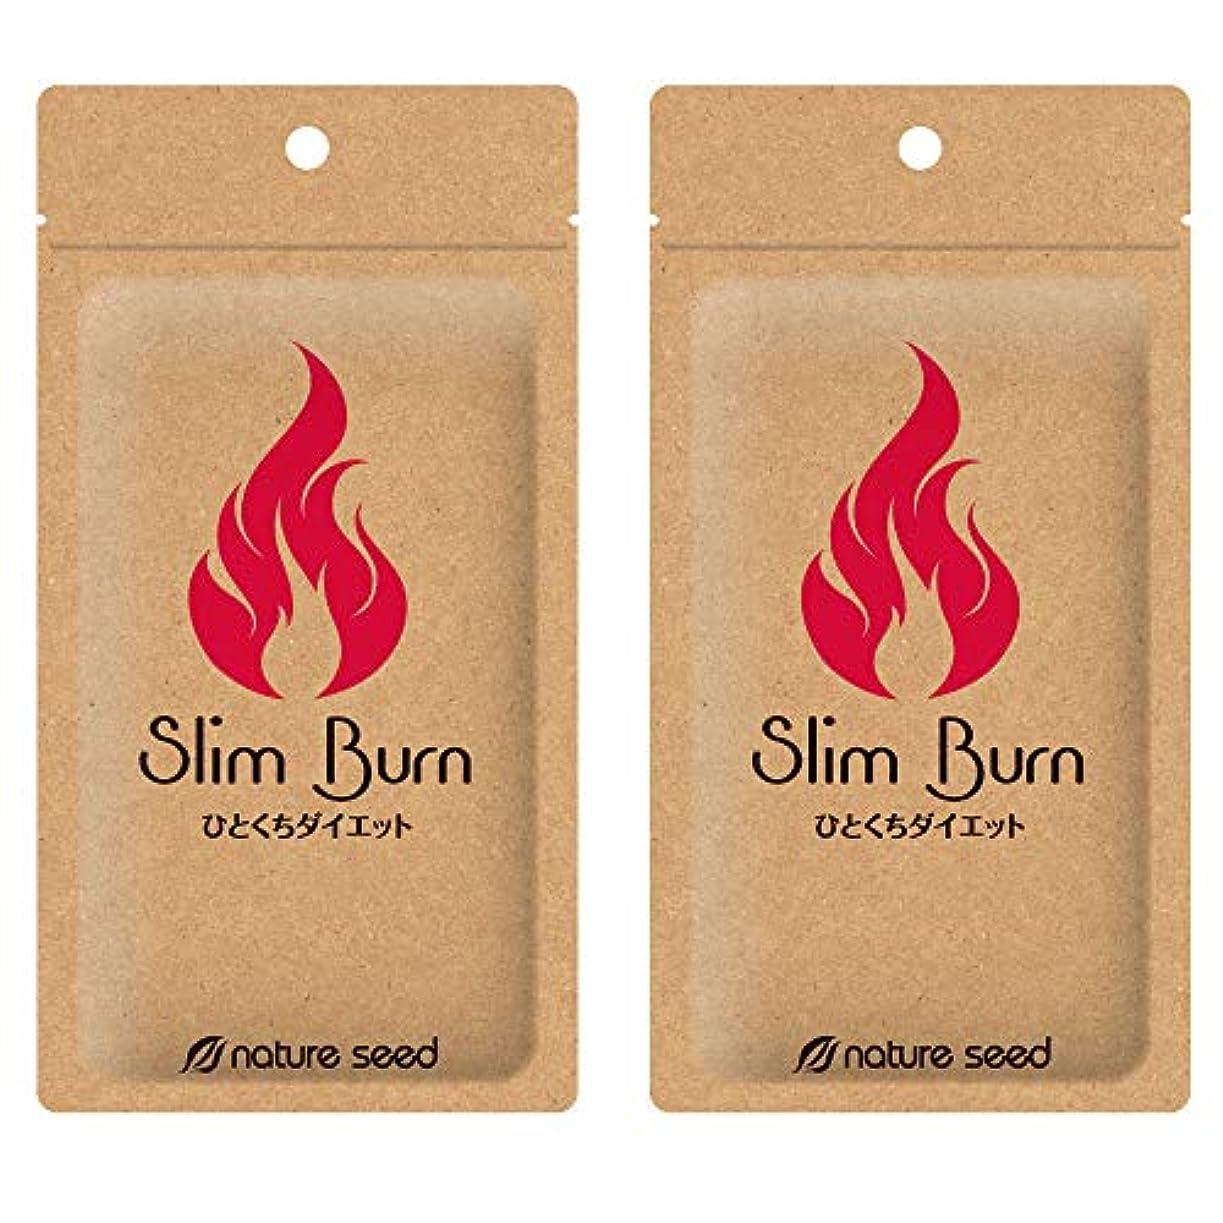 石鹸エレメンタルディスク[燃焼サプリ]ダイエット 脂肪燃焼 くびれメイクをサポート サプリメント スリムバーン 2袋(約60日分)